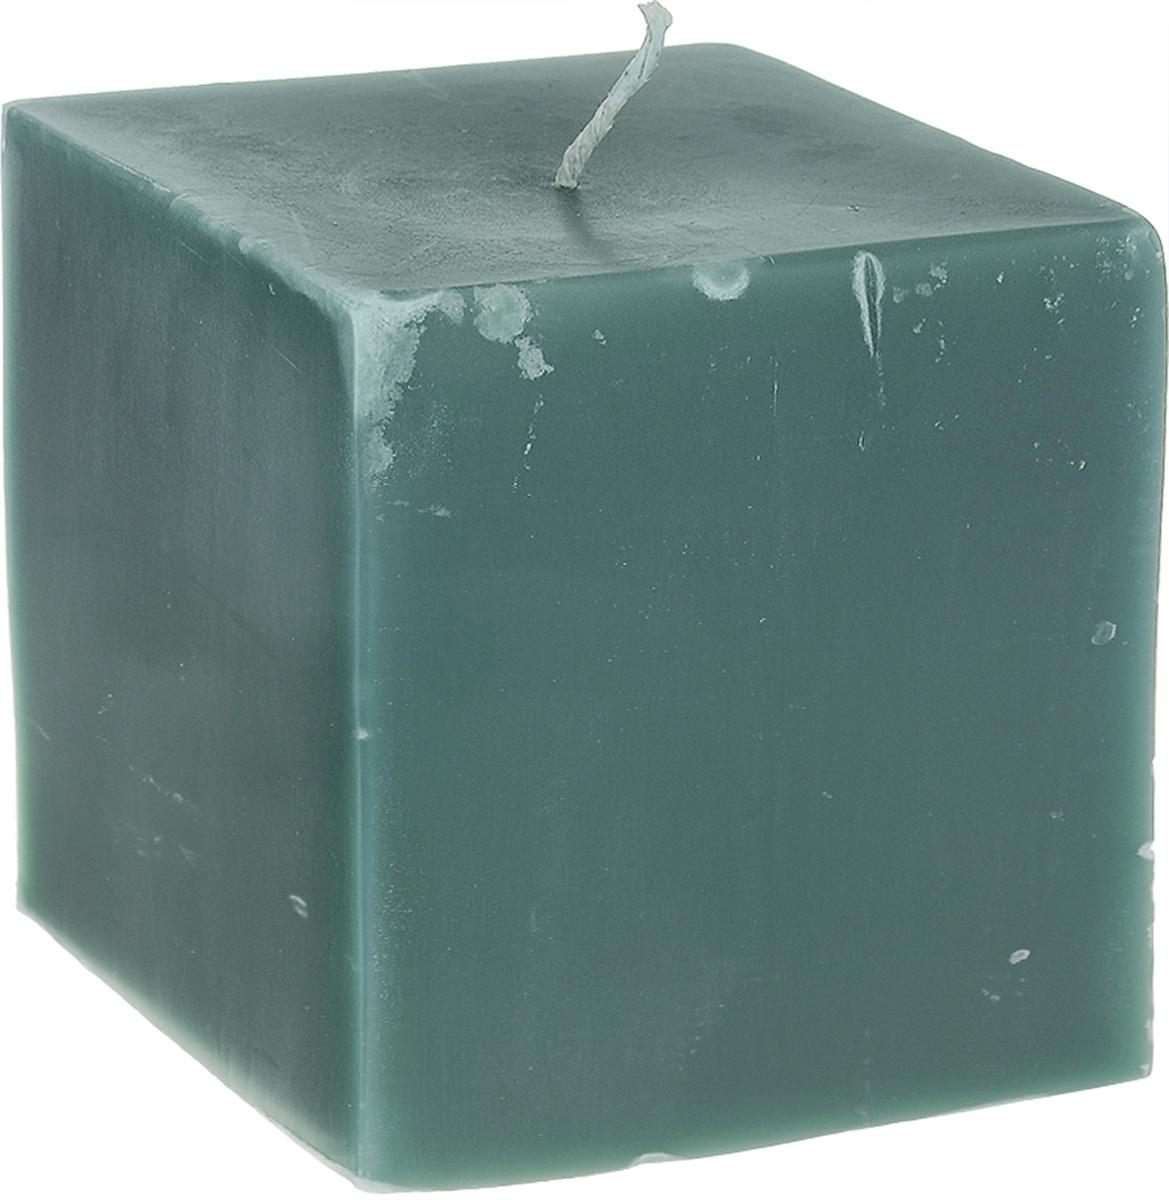 Свеча декоративная Proffi Квадрат, цвет: зеленый, 9,5 х 9,5 х 9,5 смPH3417Свеча Proffi Квадрат выполнена из парафина и стеарина в классическом стиле. Изделие порадует вас ярким дизайном. Такую свечу можно поставить в любое место, и она станет ярким украшением интерьера. Свеча Proffi Квадрат создаст незабываемую атмосферу, будь то торжество, романтический вечер или будничный день.